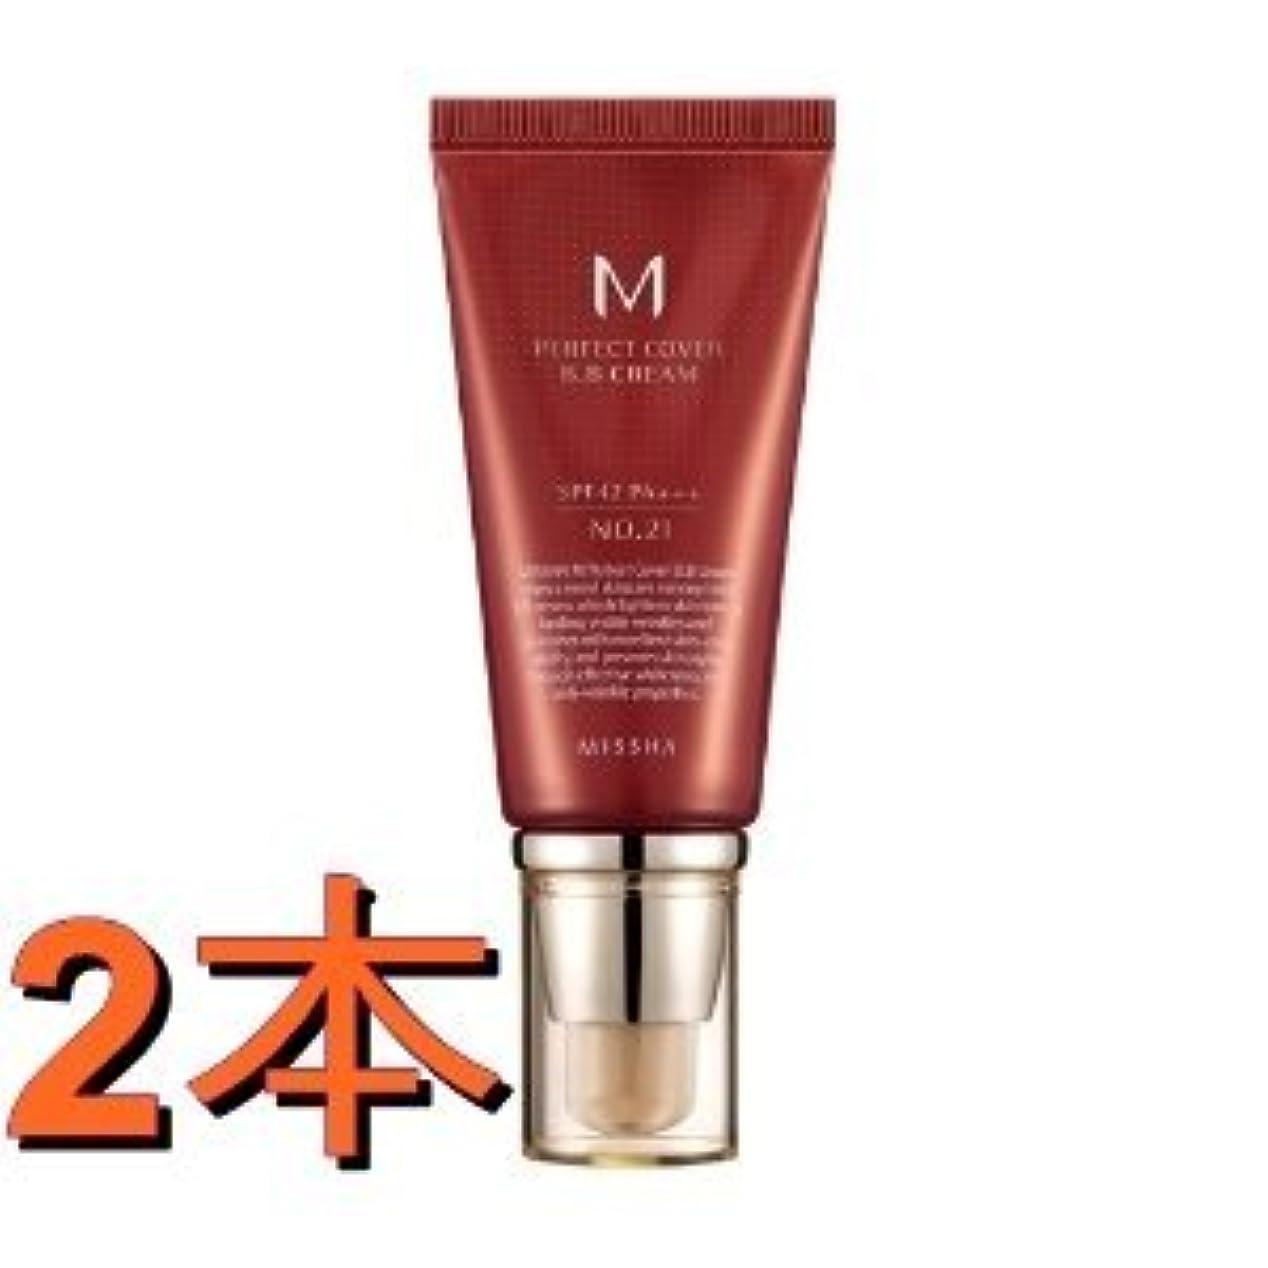 マインド迷彩楽しませるミシャ(MISSHA) M パーフェクトカバー BB クリーム 2本セット NO.23 (ナチュラルでおちつきのある肌色) SPF42 PA++ 50ml[並行輸入品]